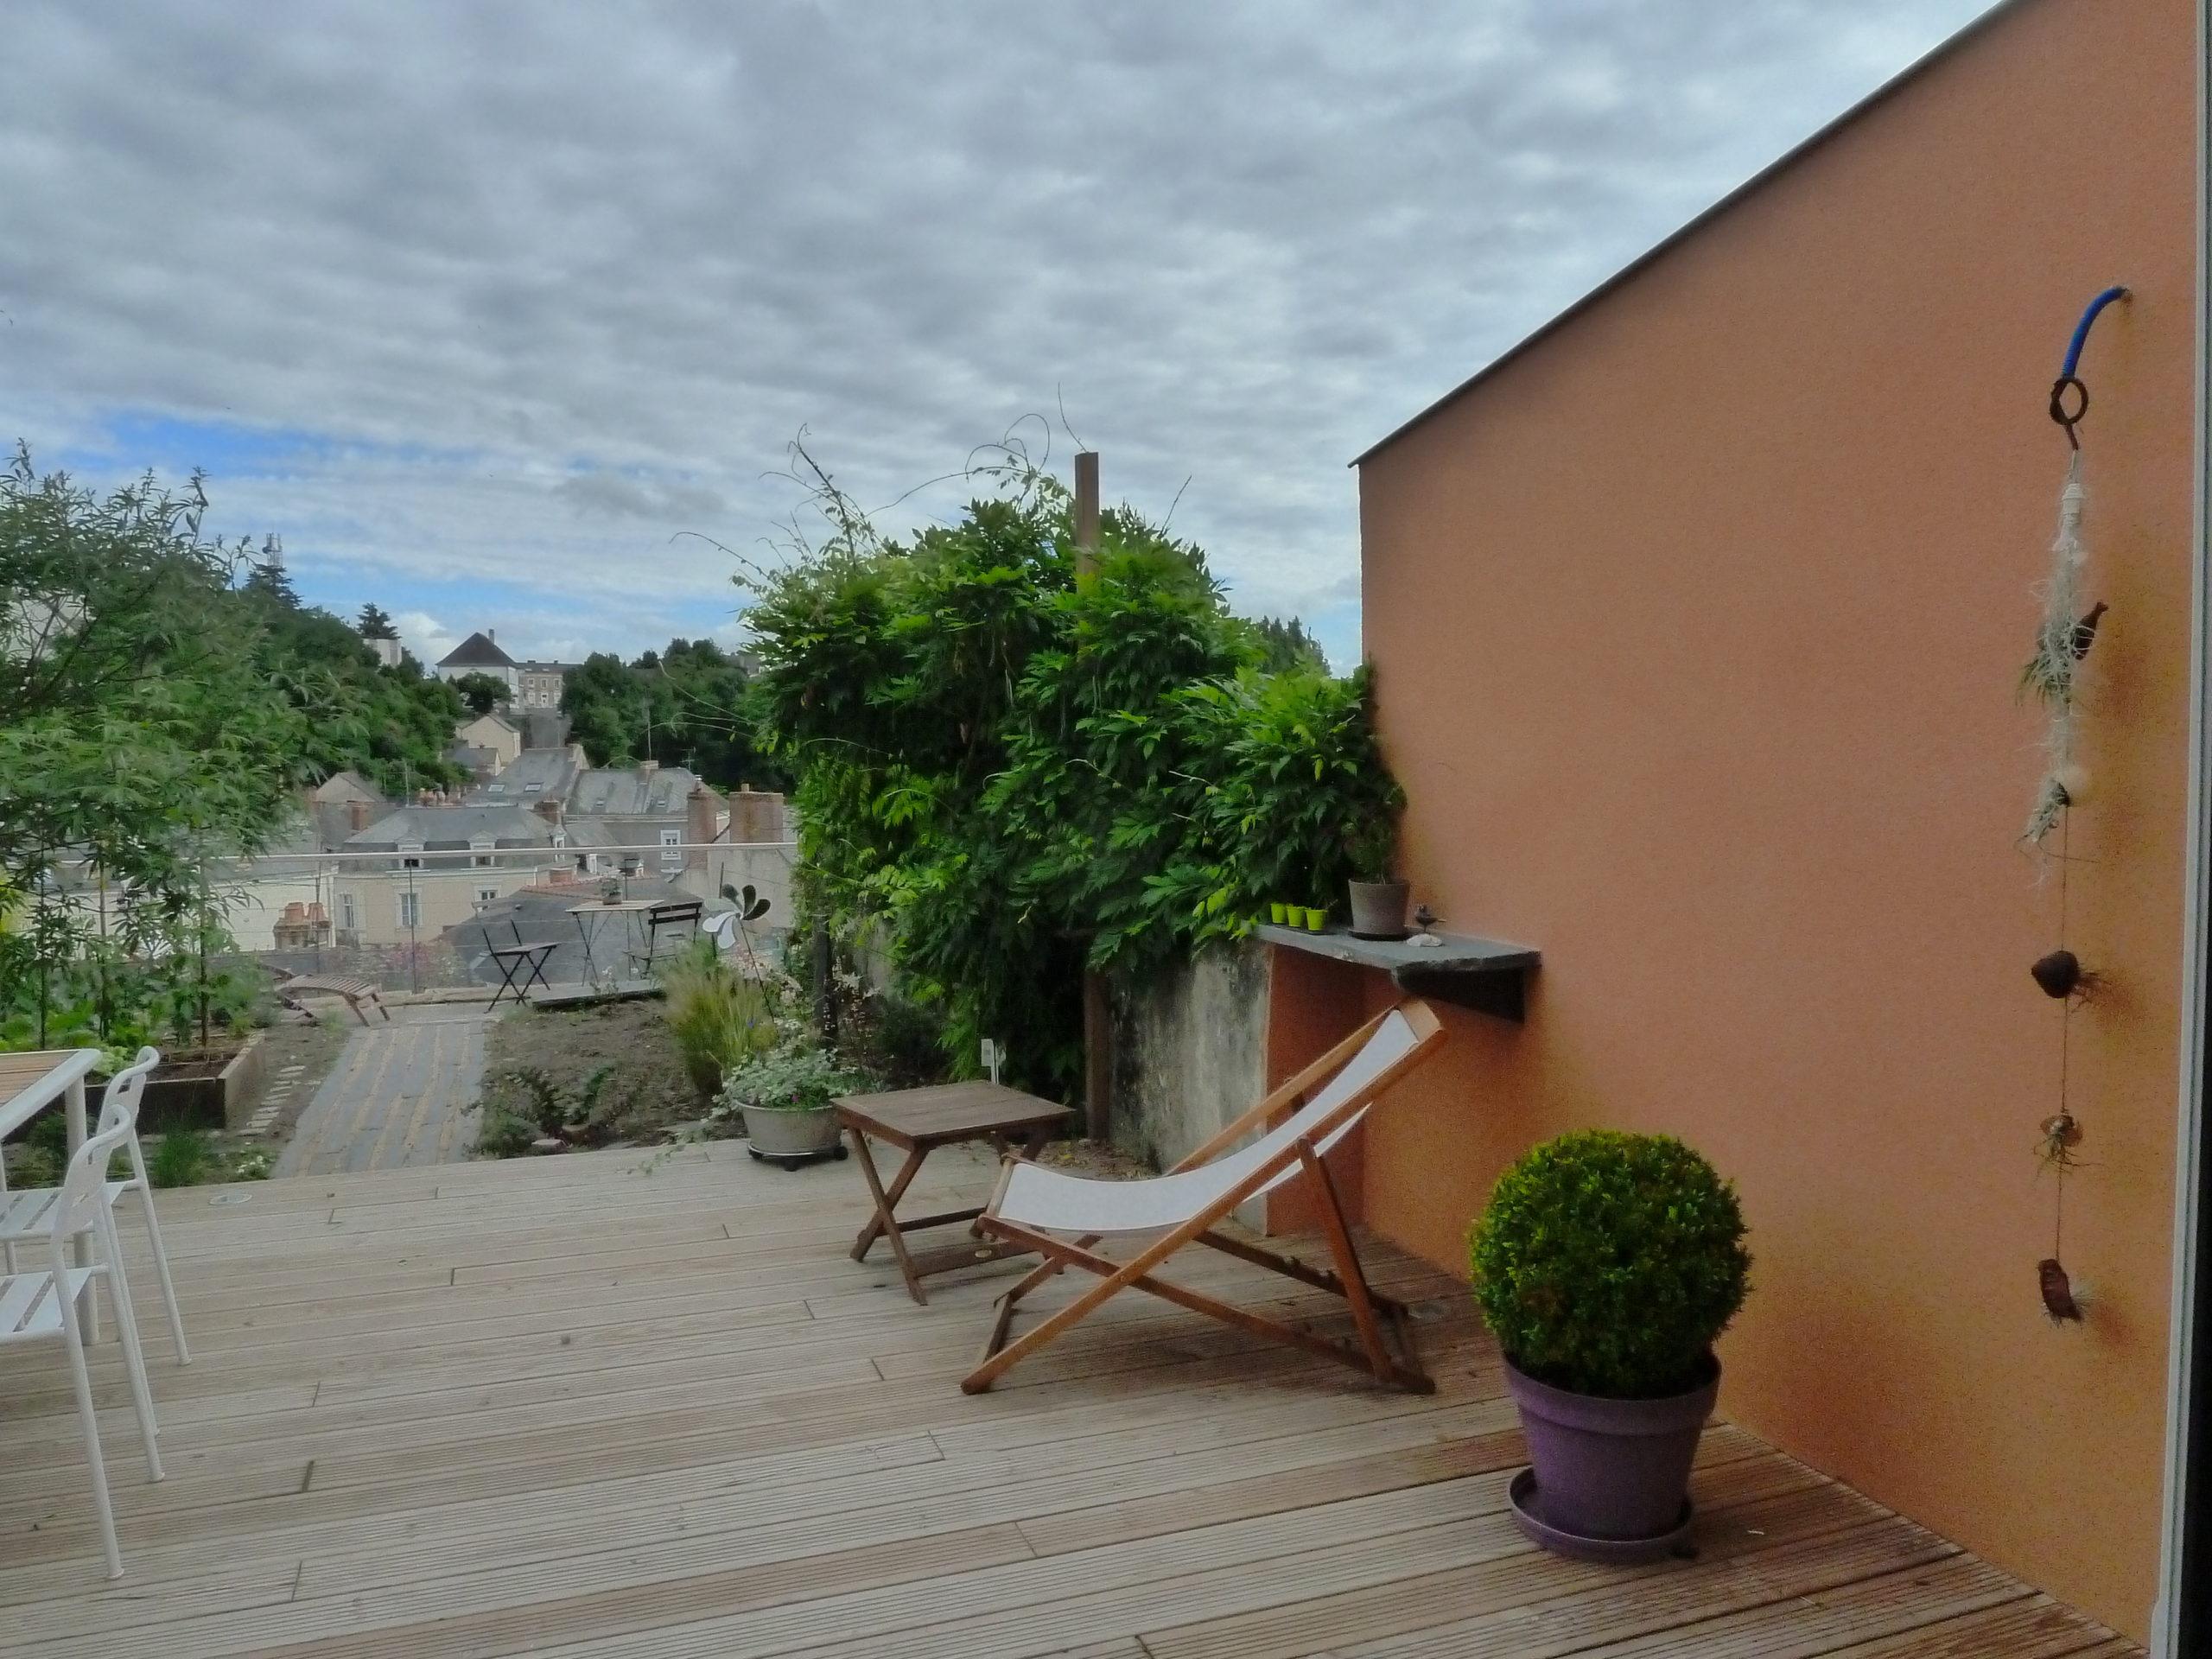 vue-terrasse-au-soleil-amenagement-lydie-gatignol